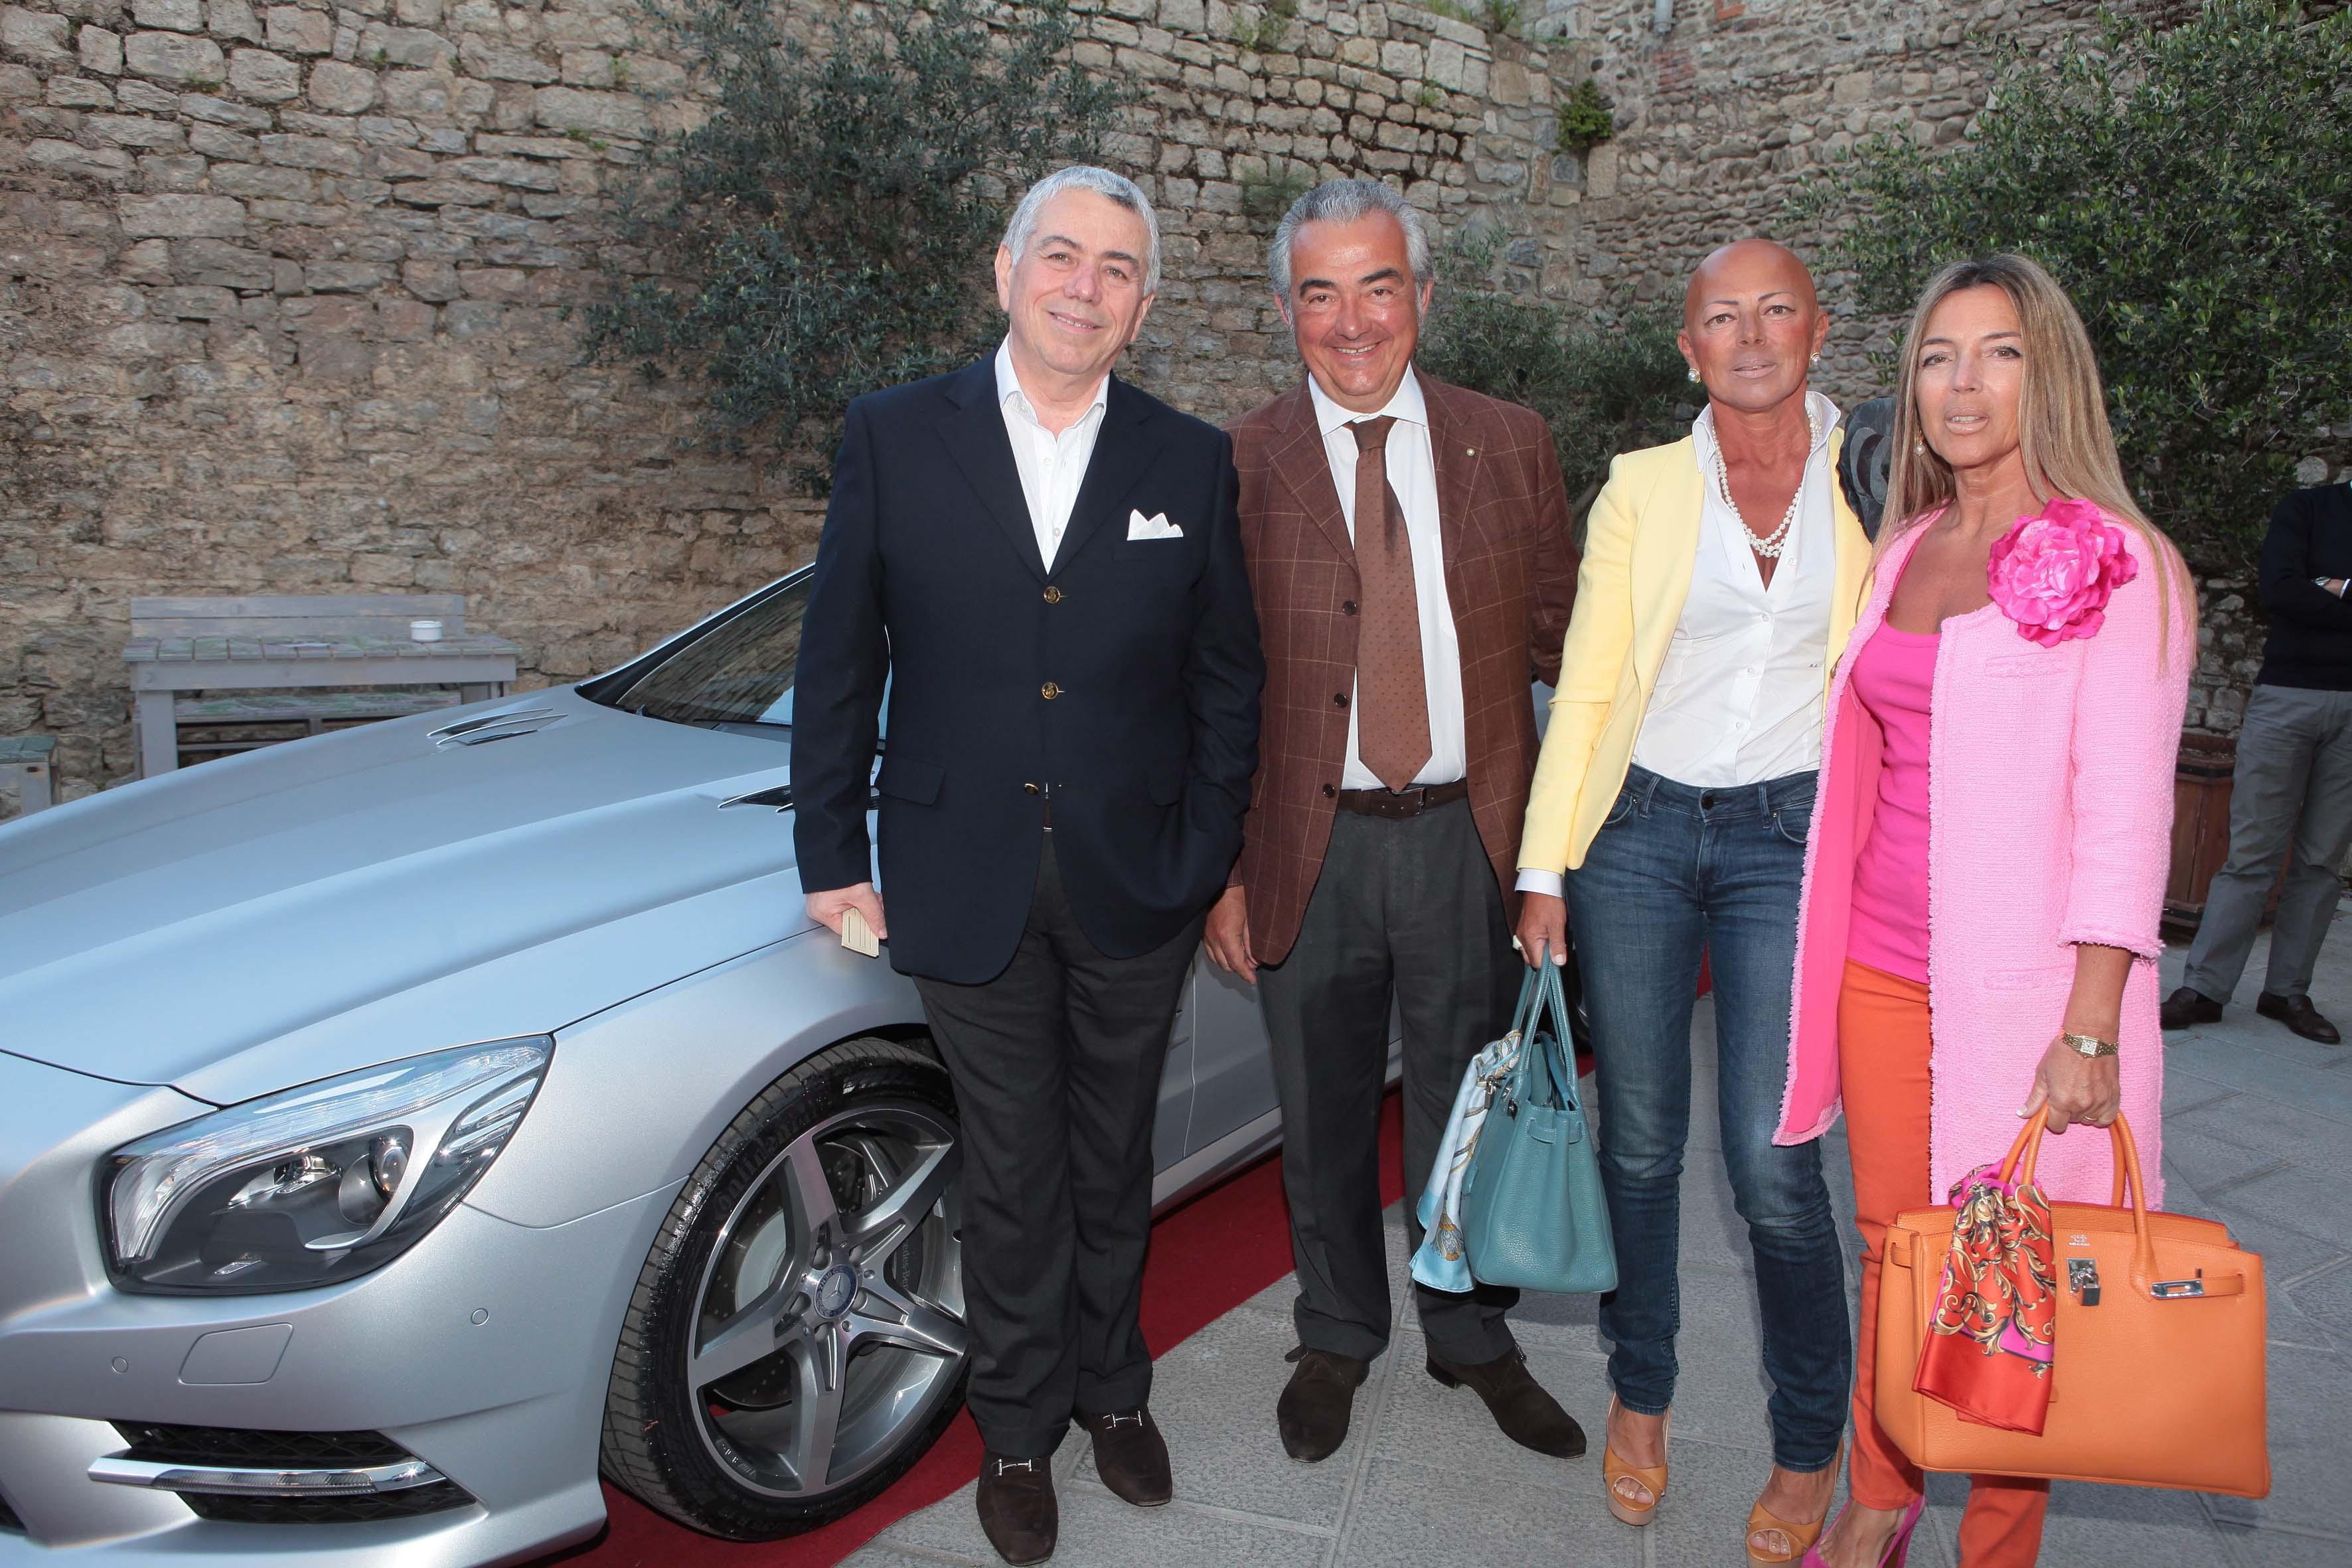 Pressphoto-Firenzemagazine-  Prato Opificio, serata Mercedes- nella foto: Marco di Lauro, Luciano Tanteri, Monica e Stefania Gori,